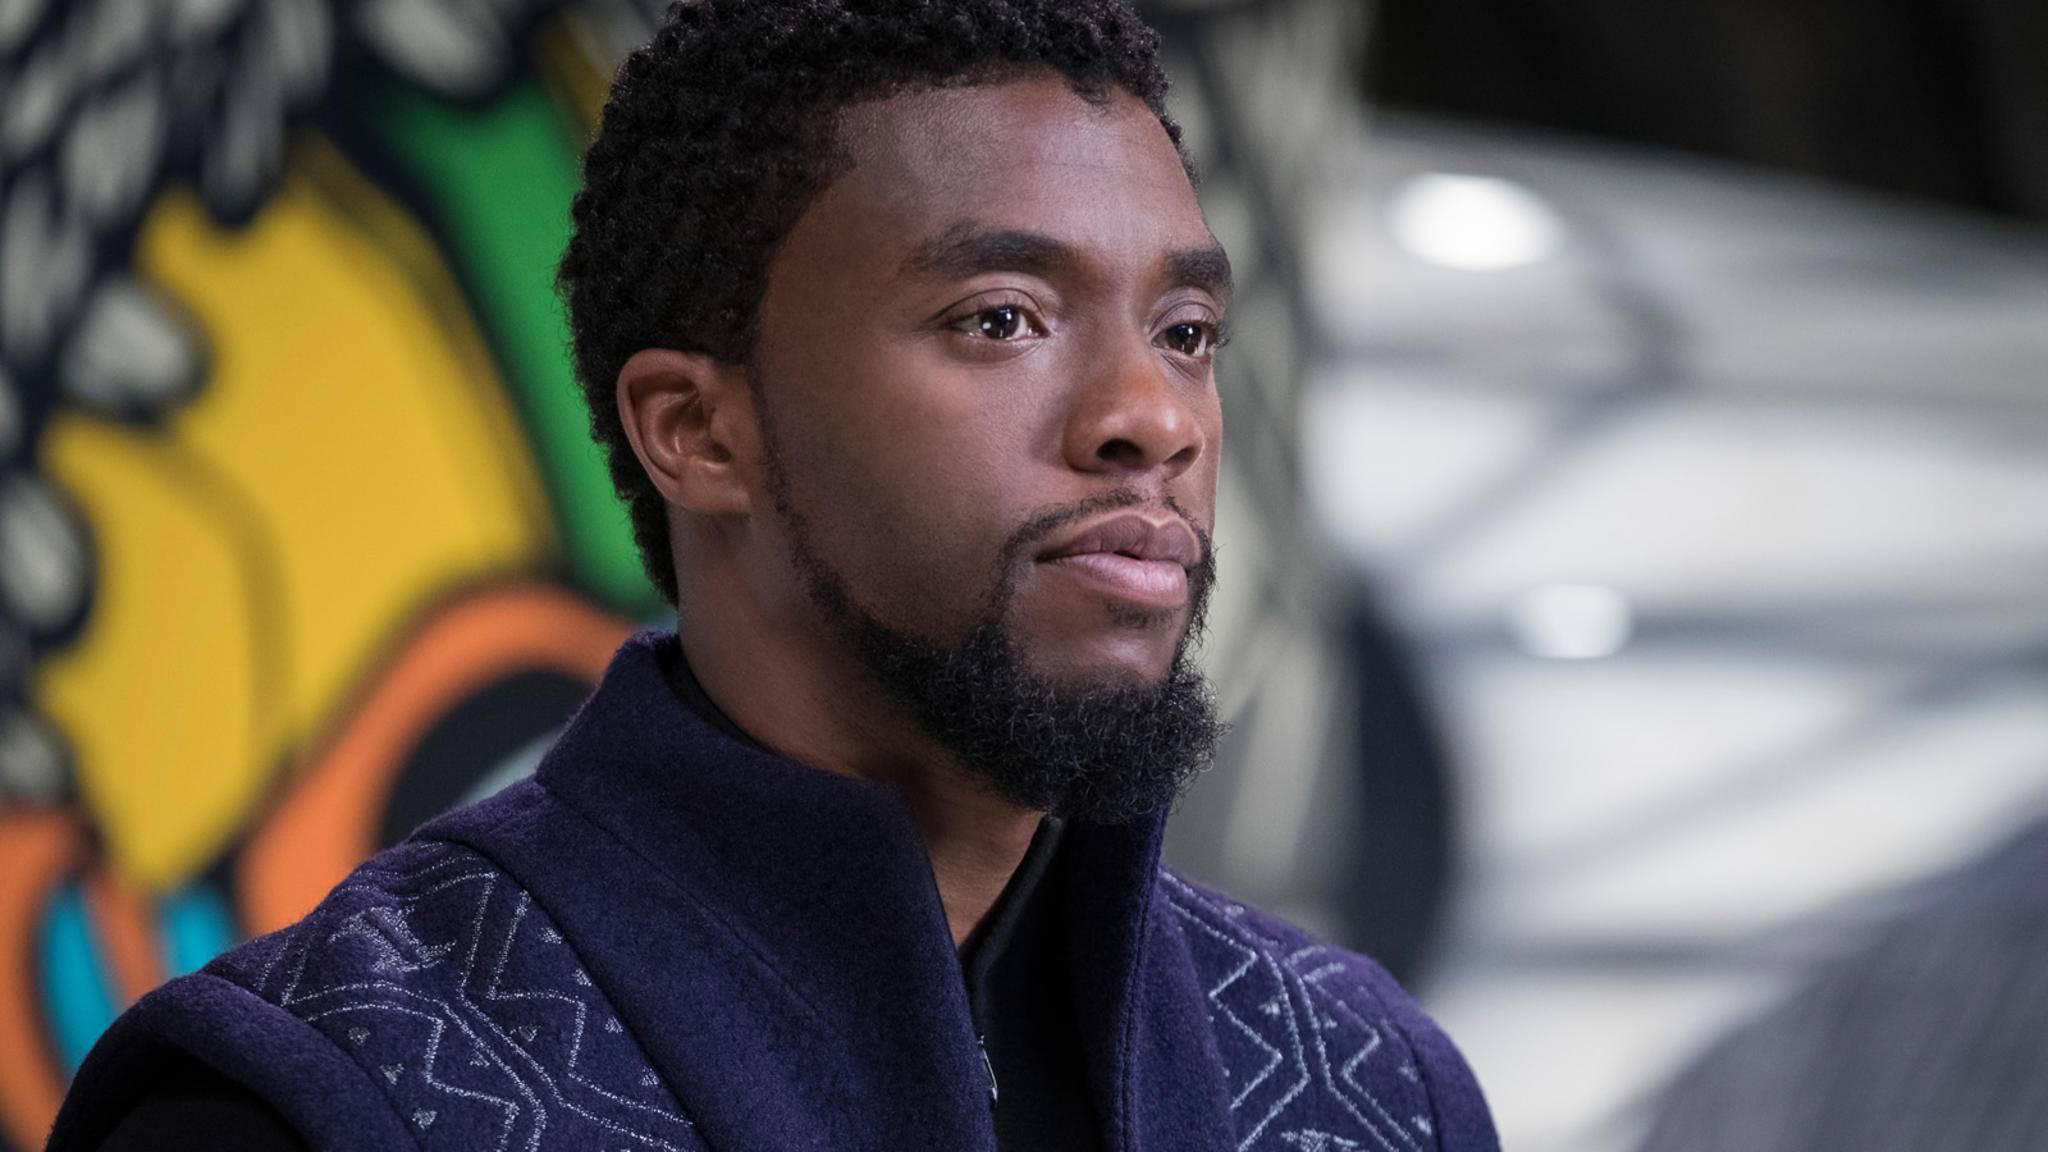 Chadwick Boseman sitzt derzeit nicht nur auf dem Thron von Wakanda, er gehört auch zu den Präsentatoren bei den Oscars 2018.